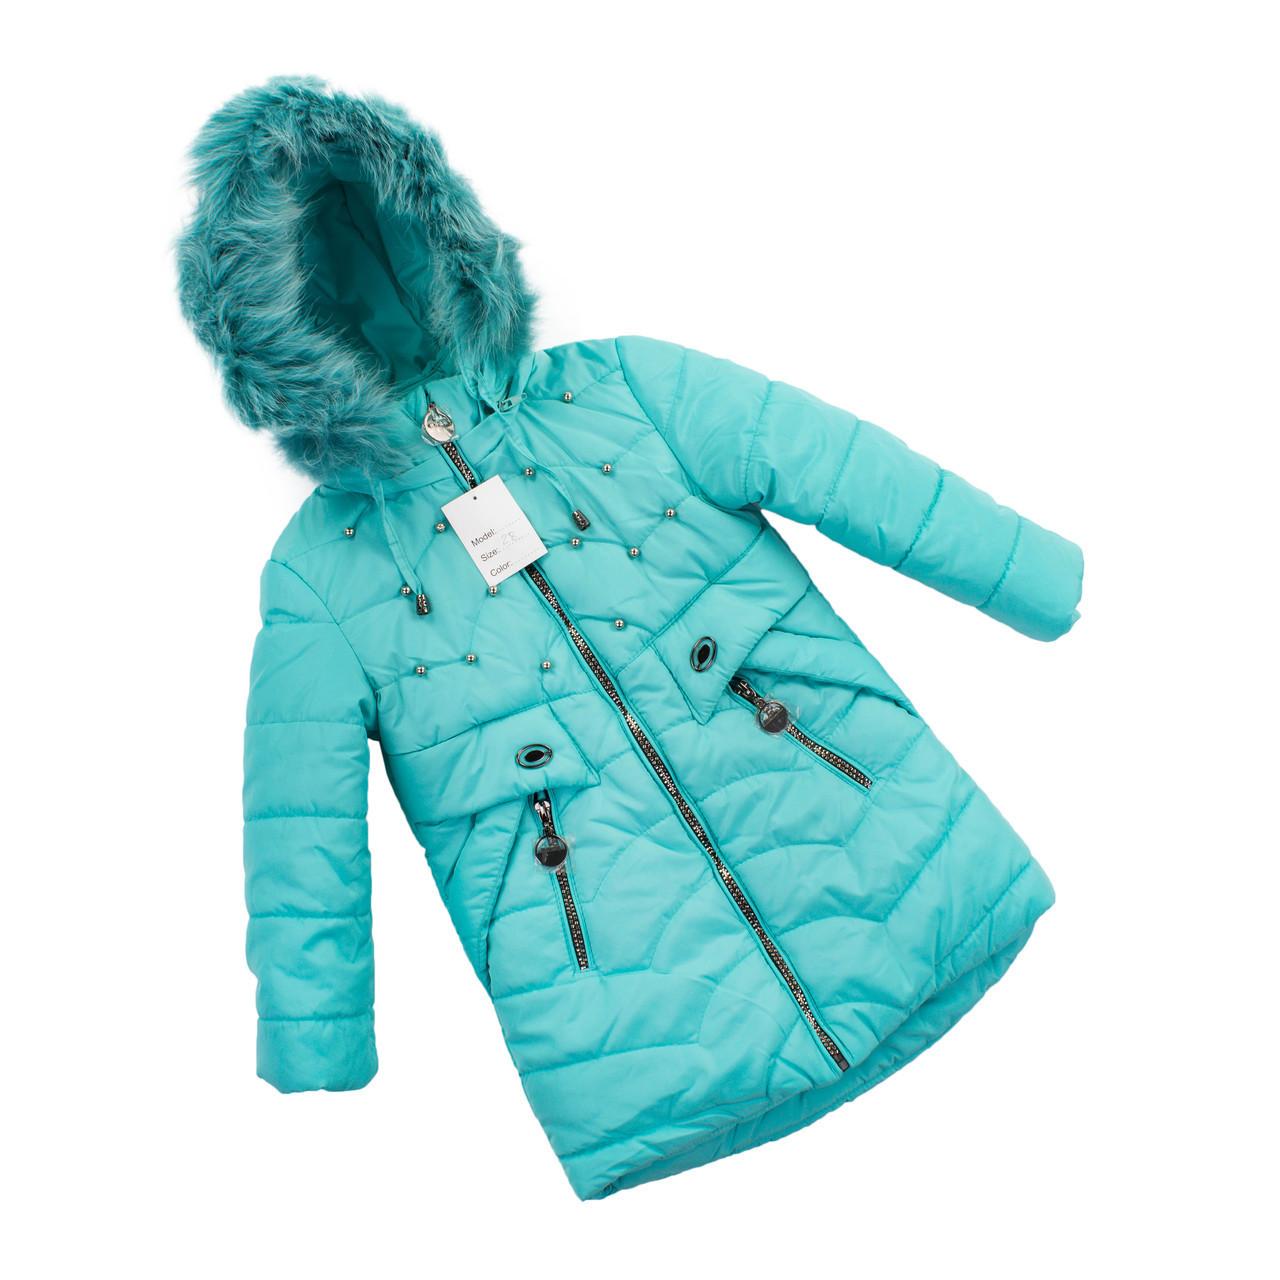 Зимняя курточка для девочки натуральным мехом  28-36 бирюза